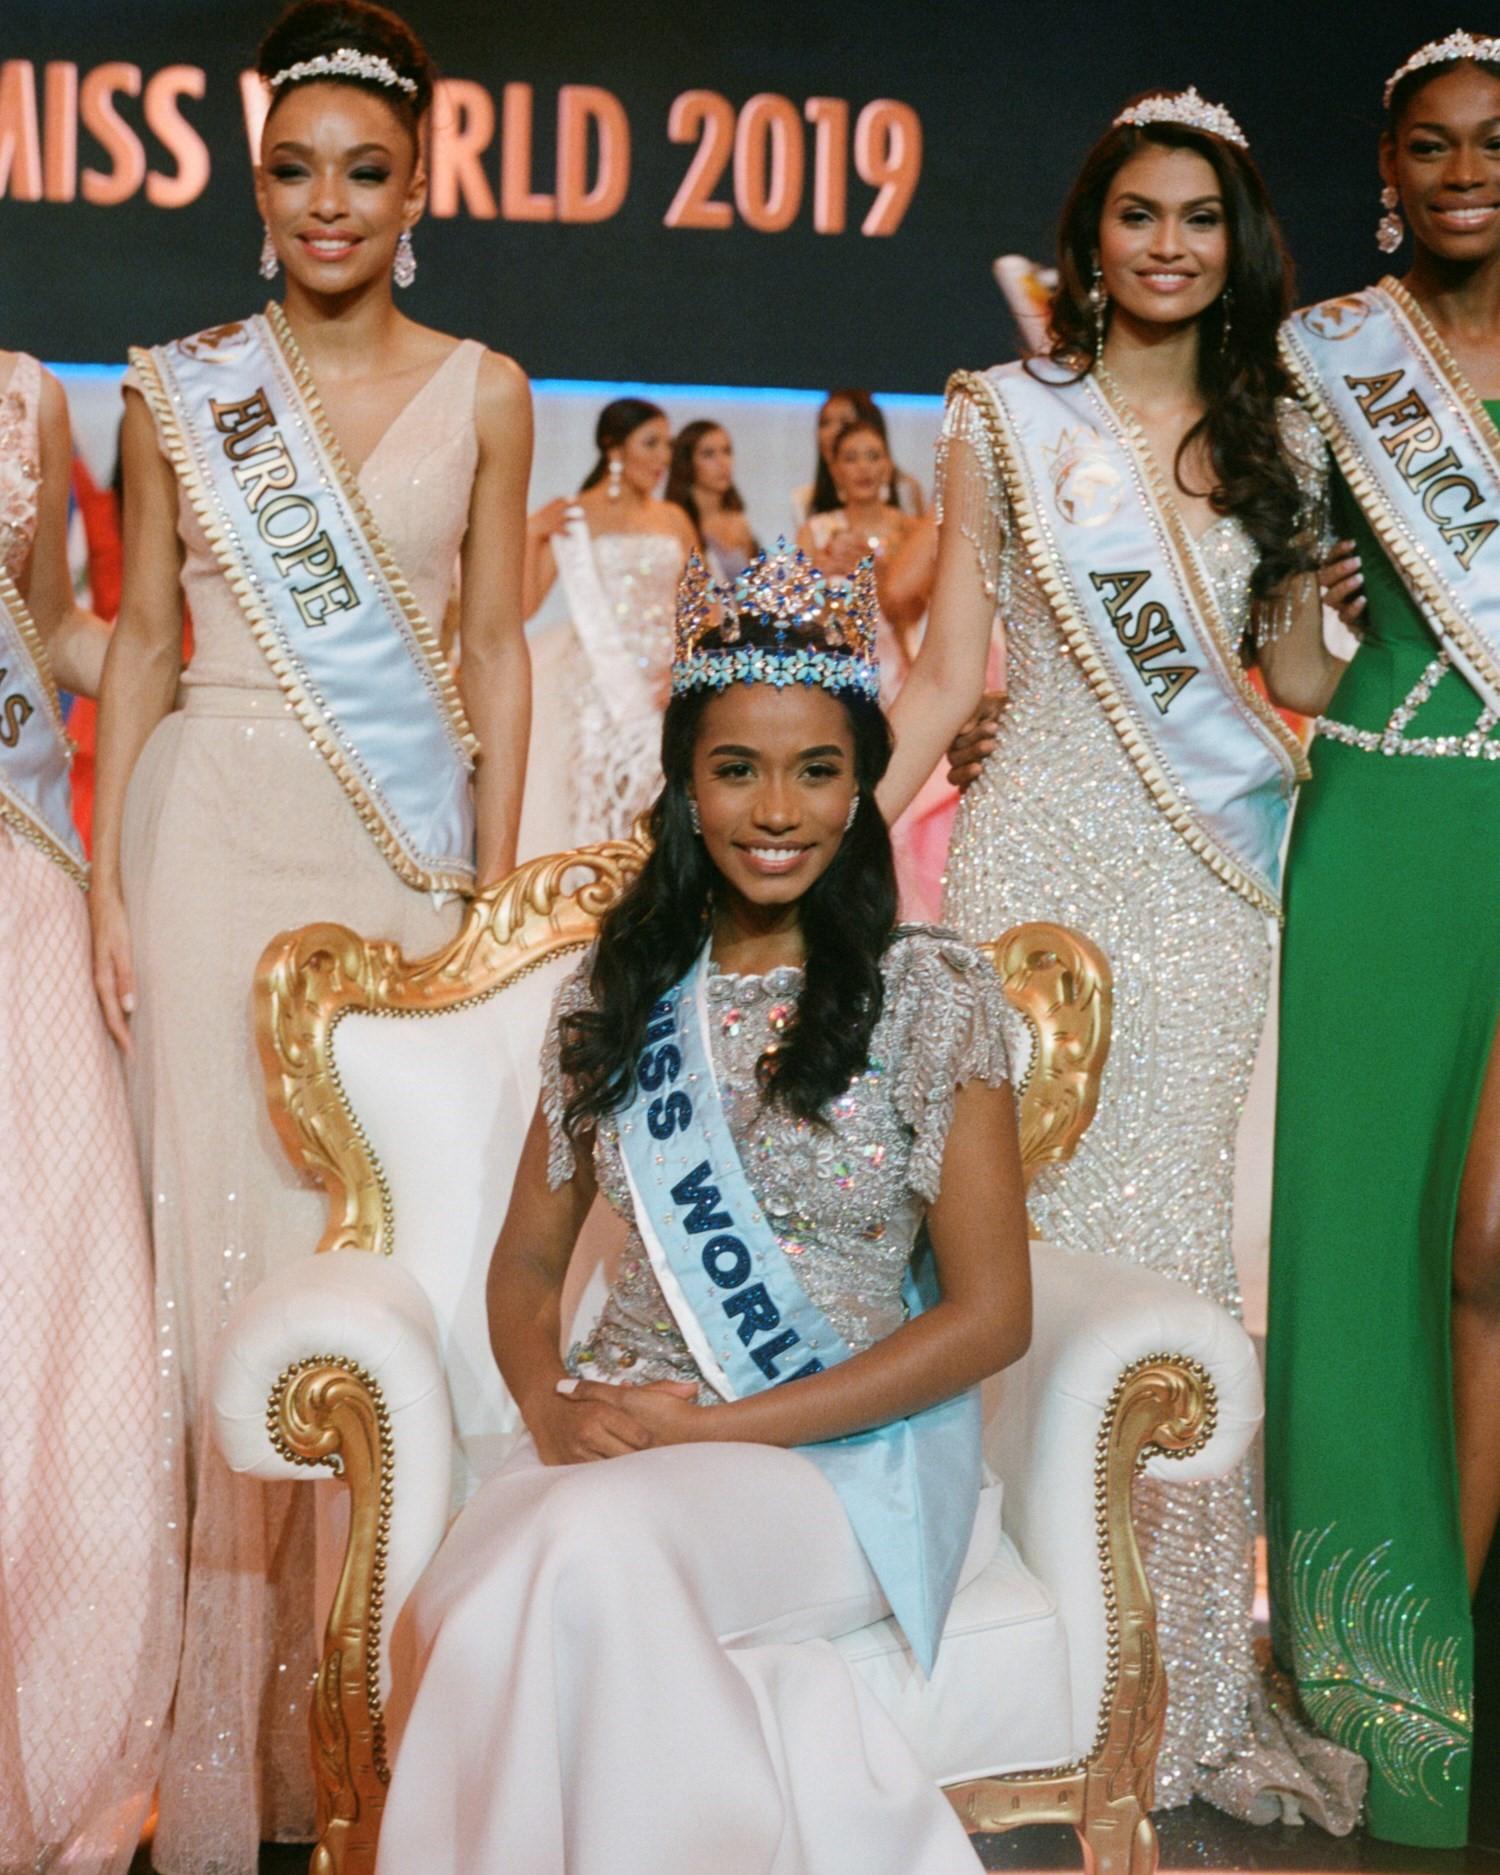 toni-ann singh, miss world 2019. 12819810